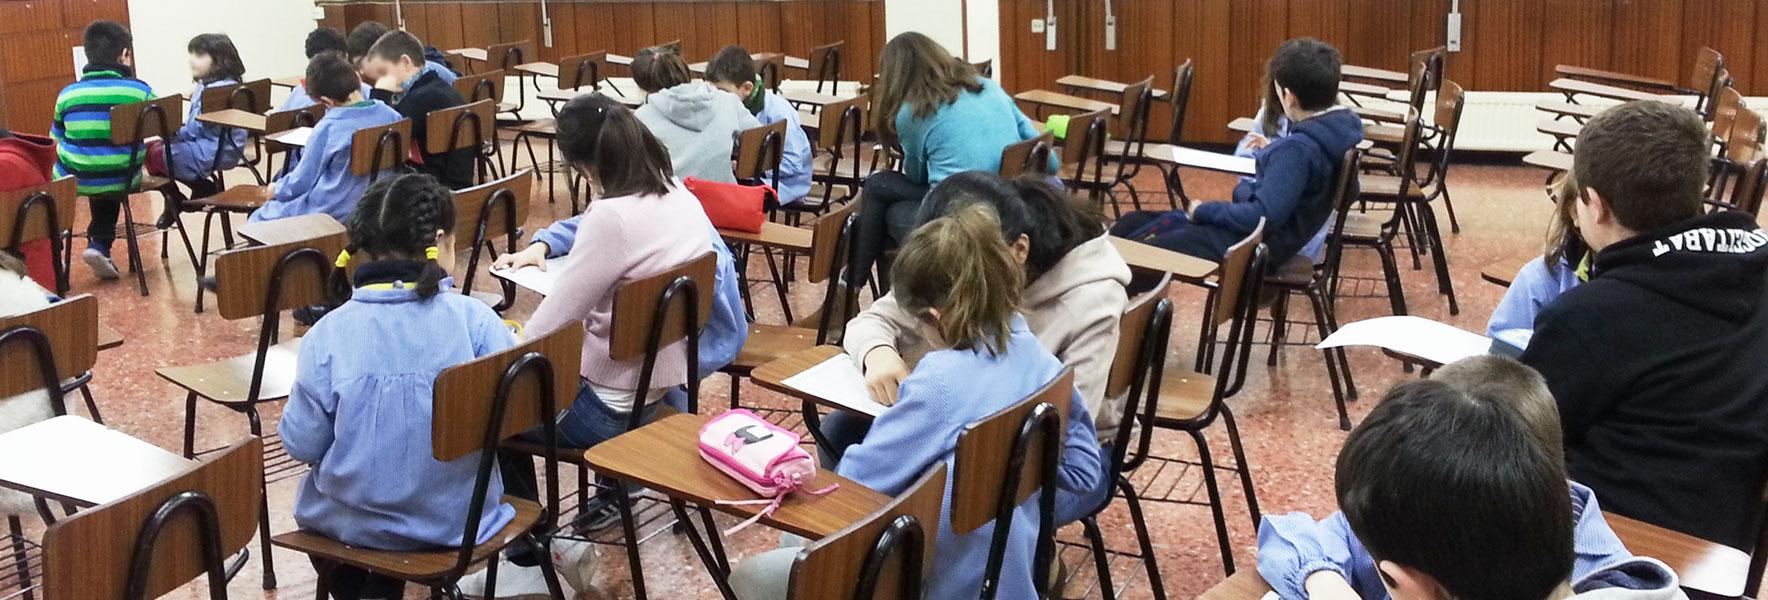 nino-jesus-colegio-vitoria-aula-metodologia